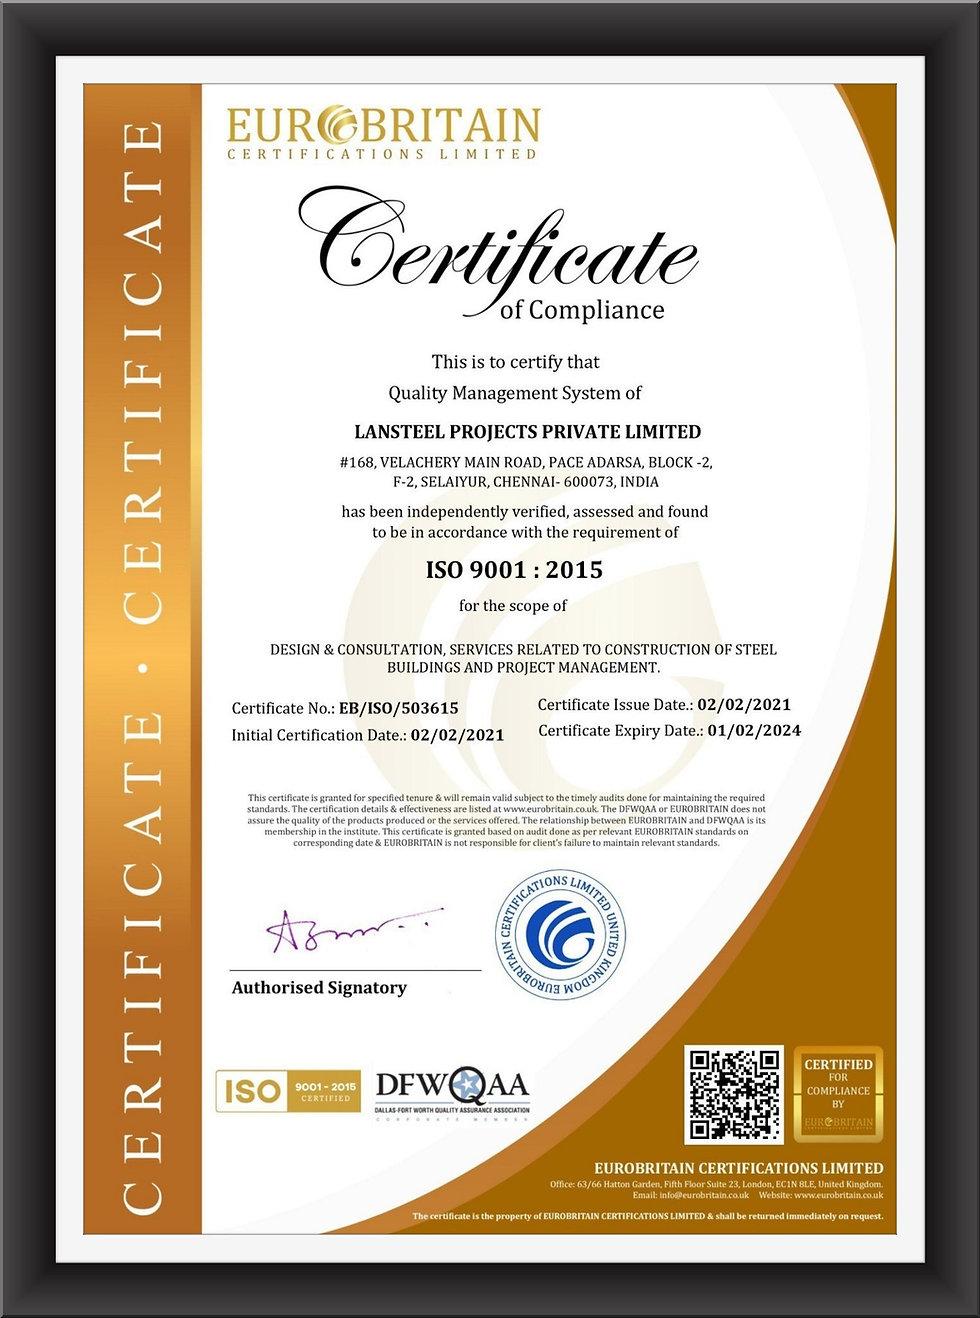 Lansteel ISO 9001:2015 Certificate